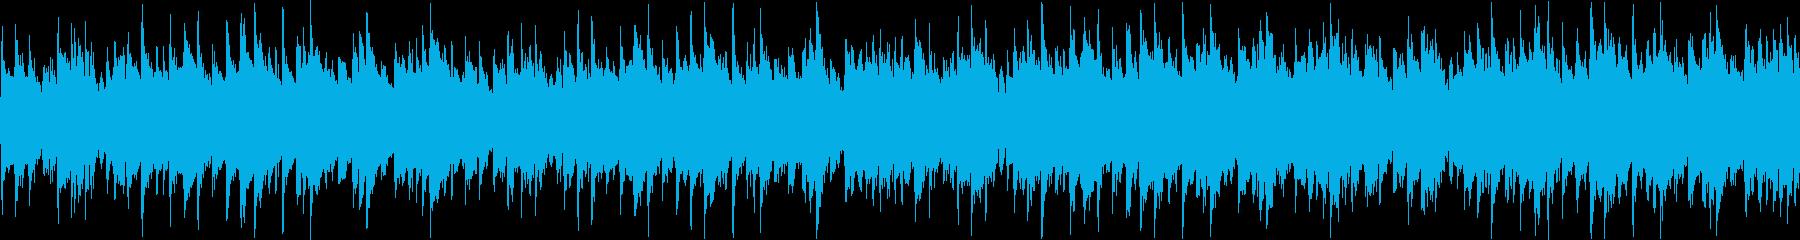 温かい雰囲気のバラードBGM(ループ)の再生済みの波形